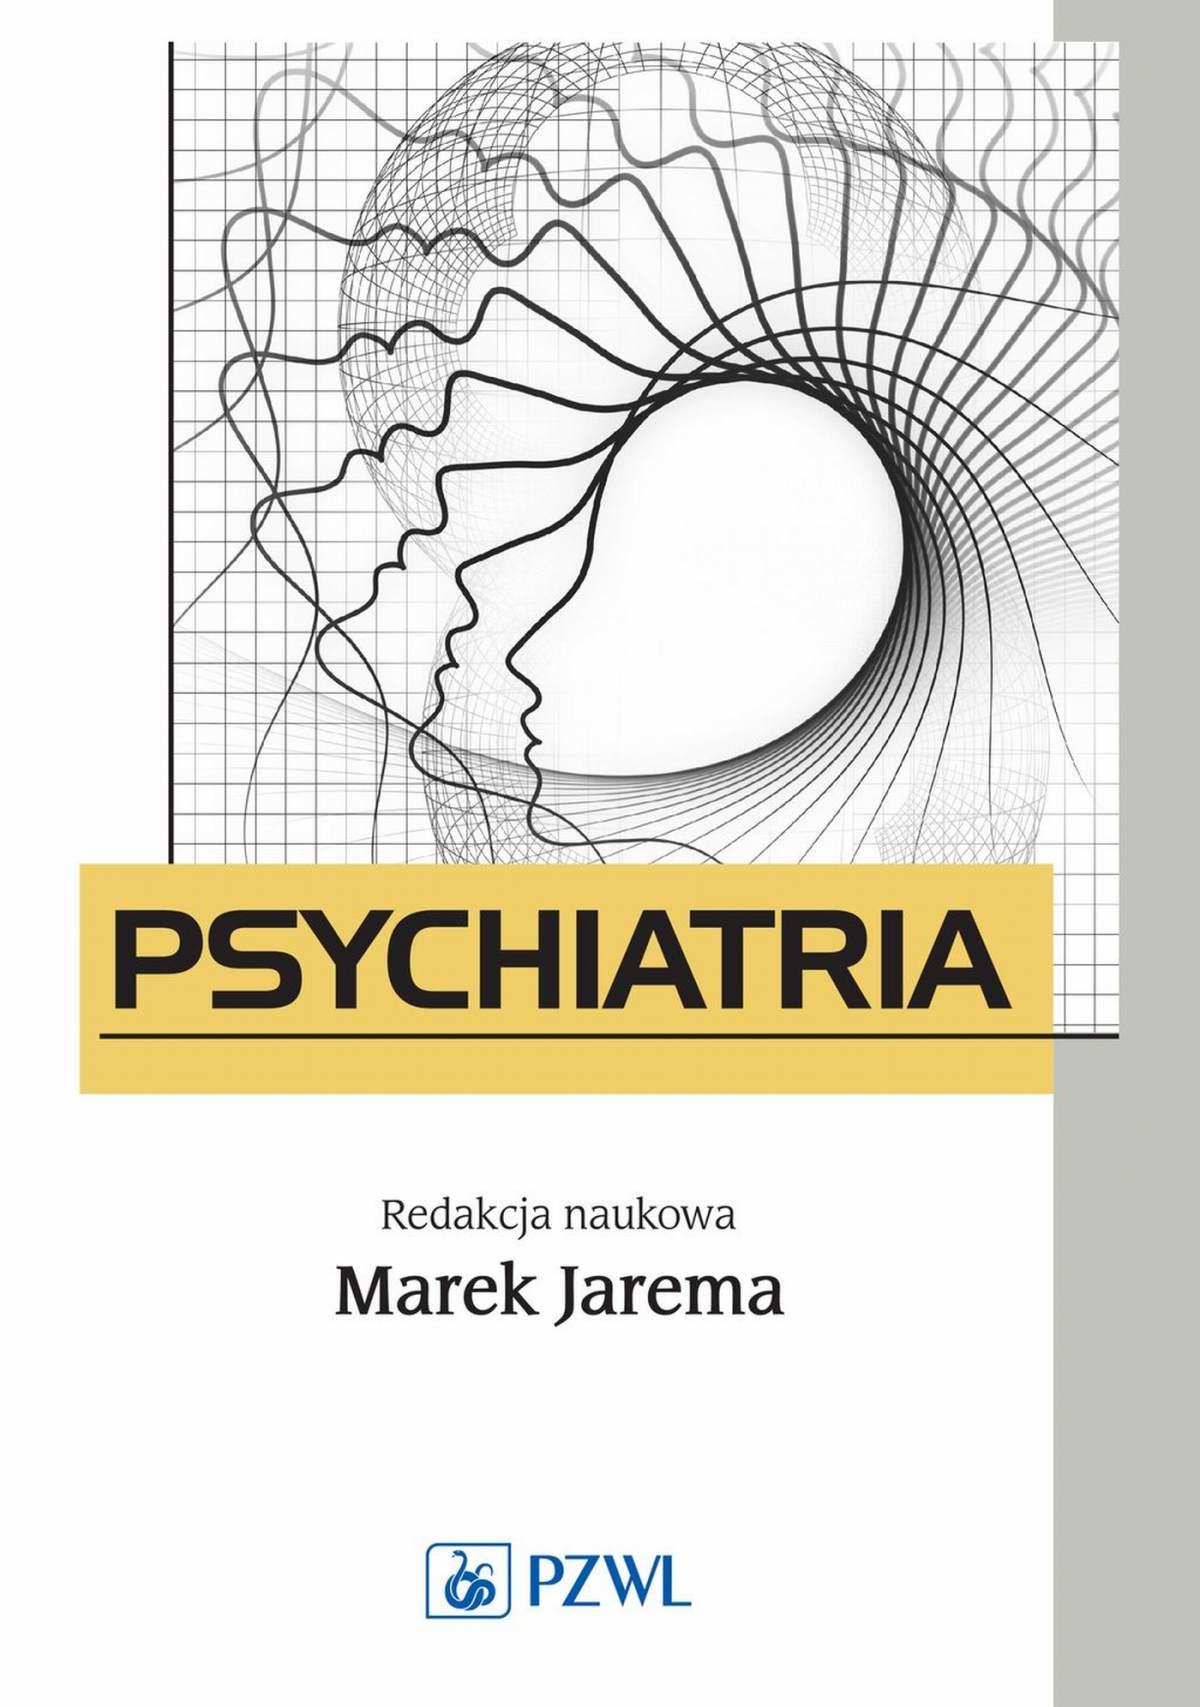 Psychiatria. Podręcznik dla studentów medycyny - Ebook (Książka na Kindle) do pobrania w formacie MOBI